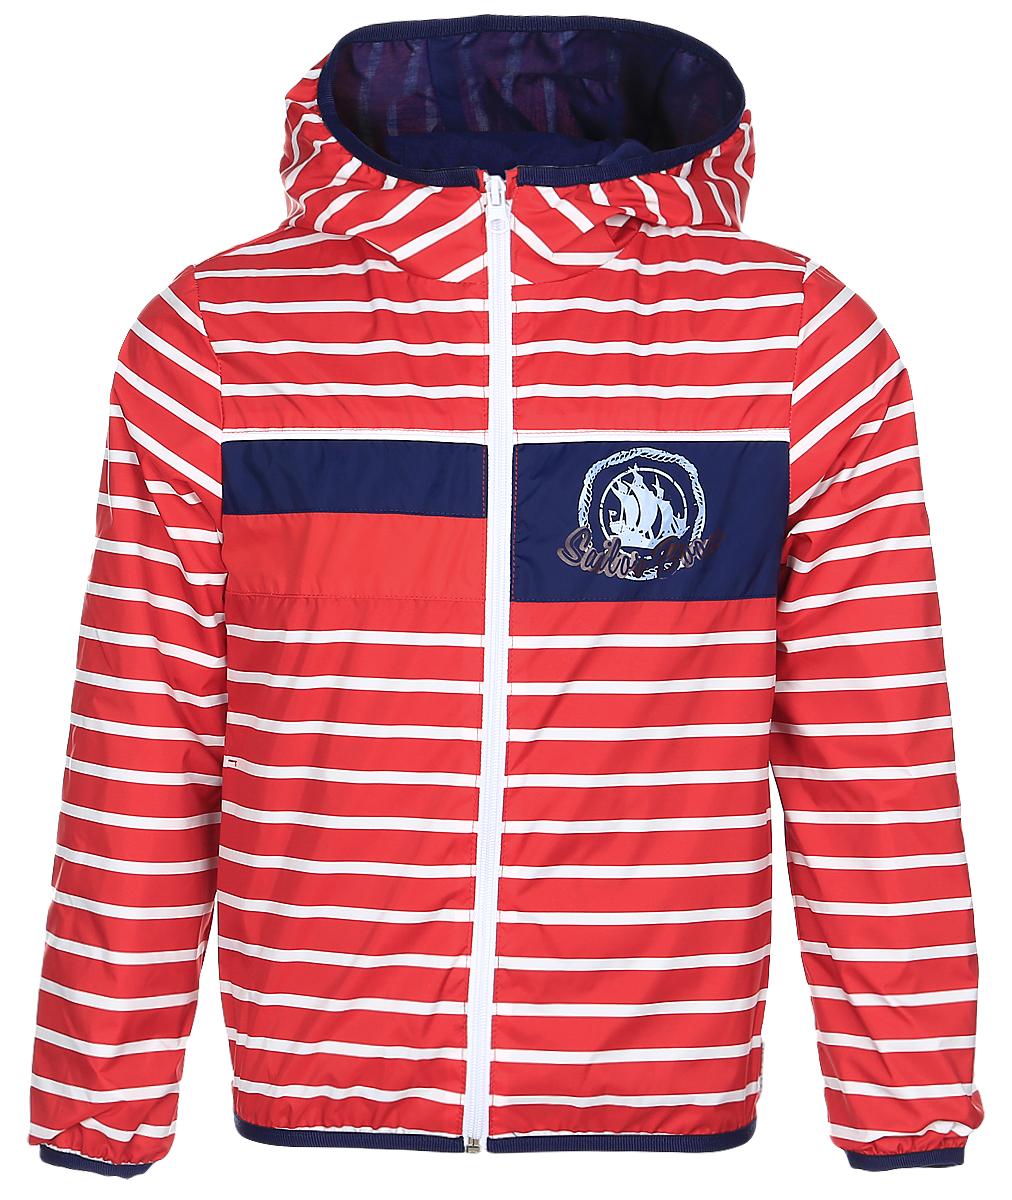 Куртка для мальчика Boom!, цвет: красный. 70029_BOB_вар.3. Размер 74, 9 мес70029_BOB_вар.3Куртка для мальчика Boom! изготовлена из водонепроницаемого полиэстера. Куртка с капюшоном застегивается на пластиковую застежку-молнию. Края капюшона, рукавов и низа куртки отделаны тонкой эластичной резинкой. В боковых швах предусмотрены два прорезных кармана. Модель оформлена оригинальным принтом на груди и дополнена светоотражающими элементами.